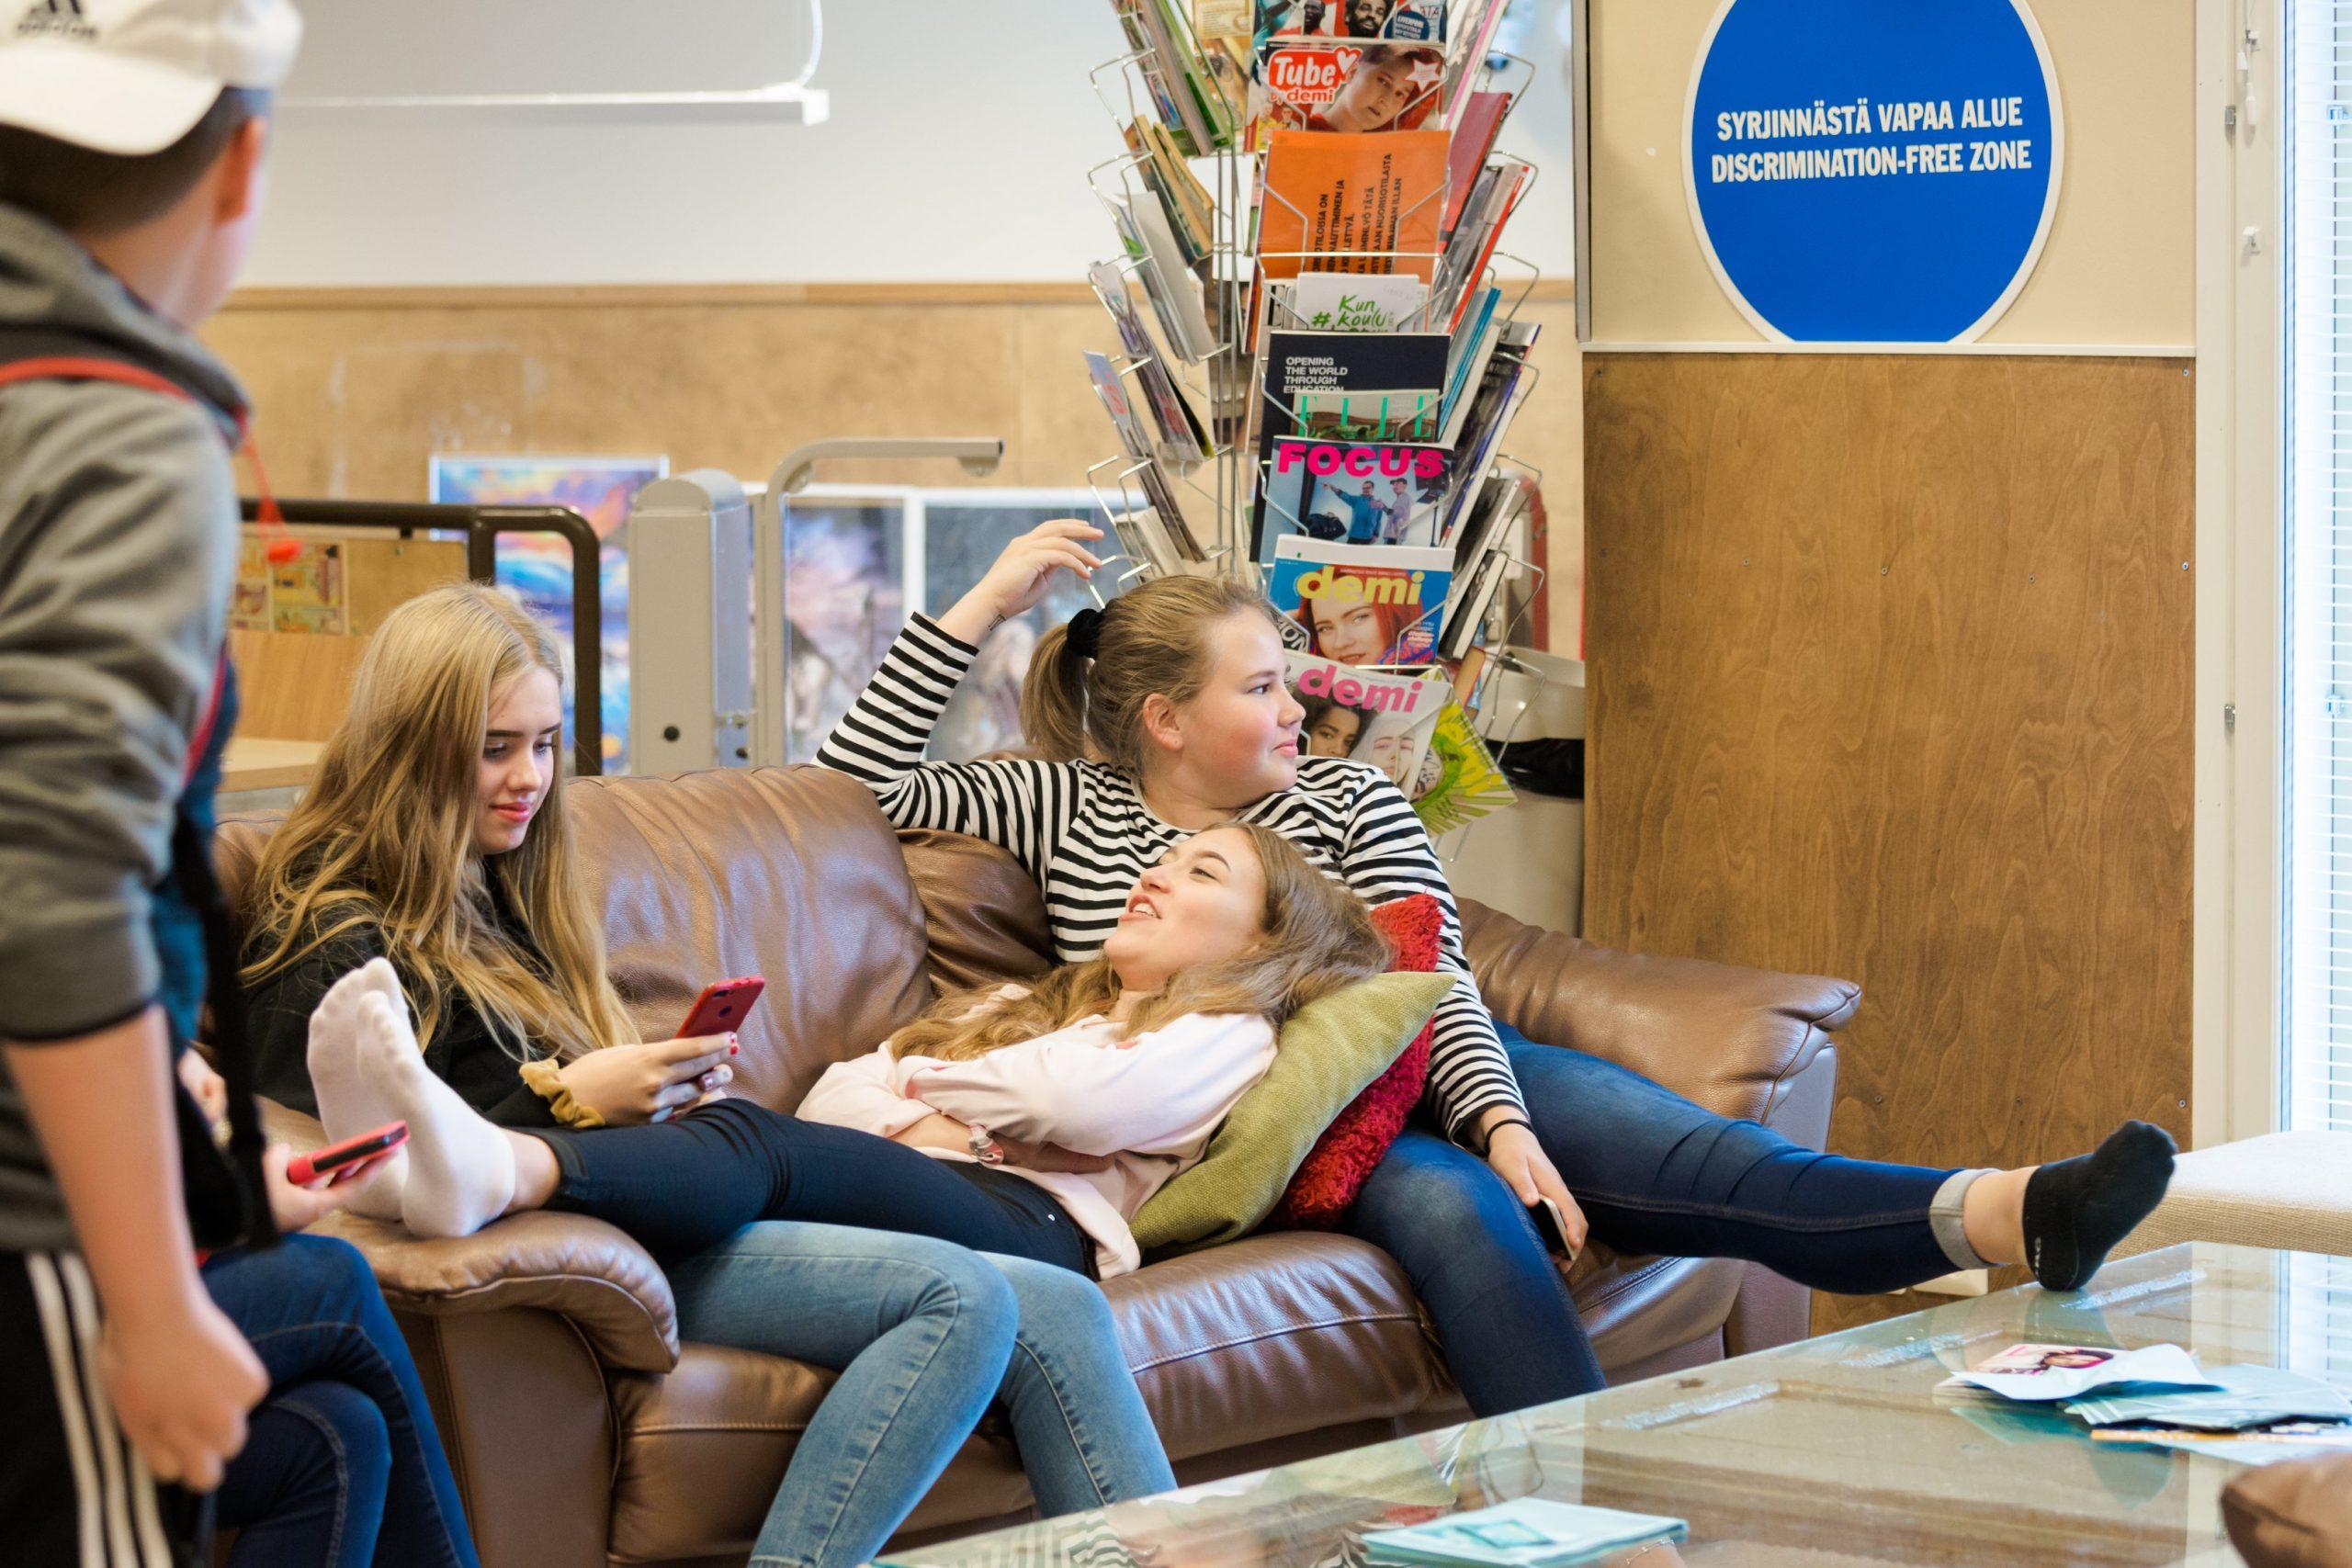 nuoria sohvalla seppälän nuorisotalolla